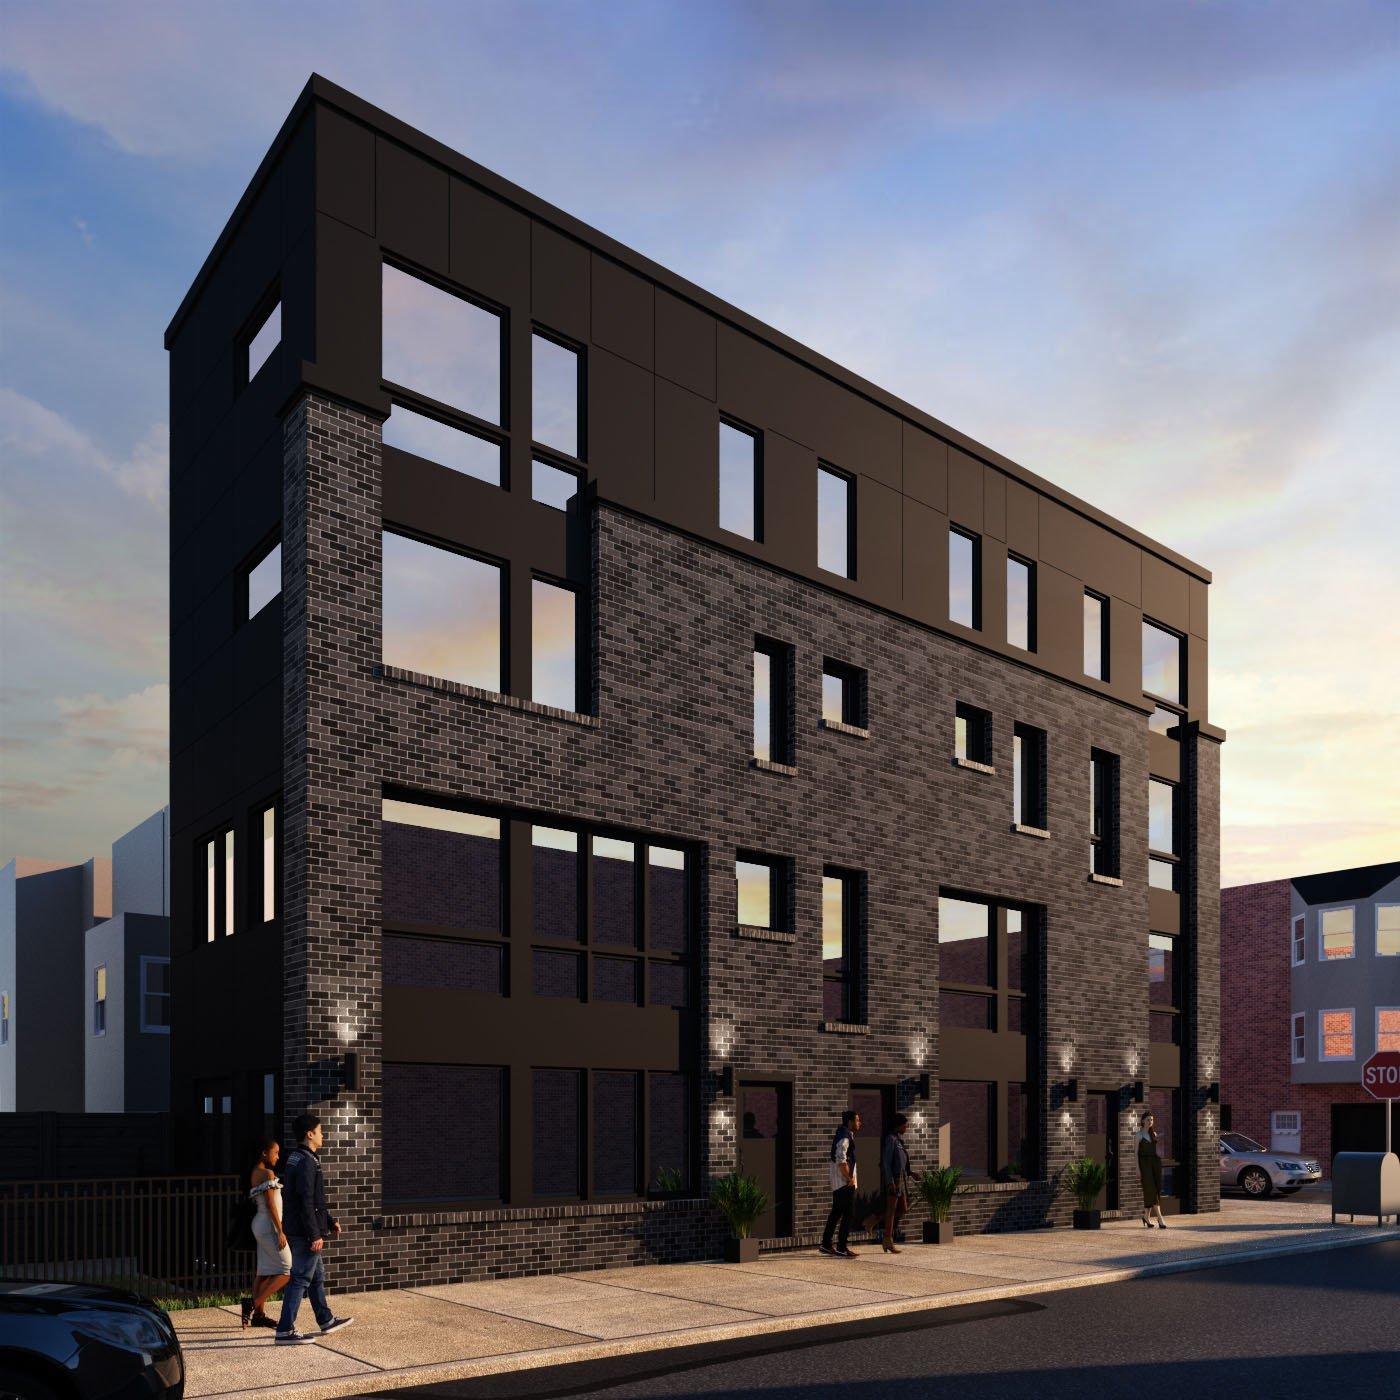 DB-rendering-residential-exterior-2018-02-philadelphia